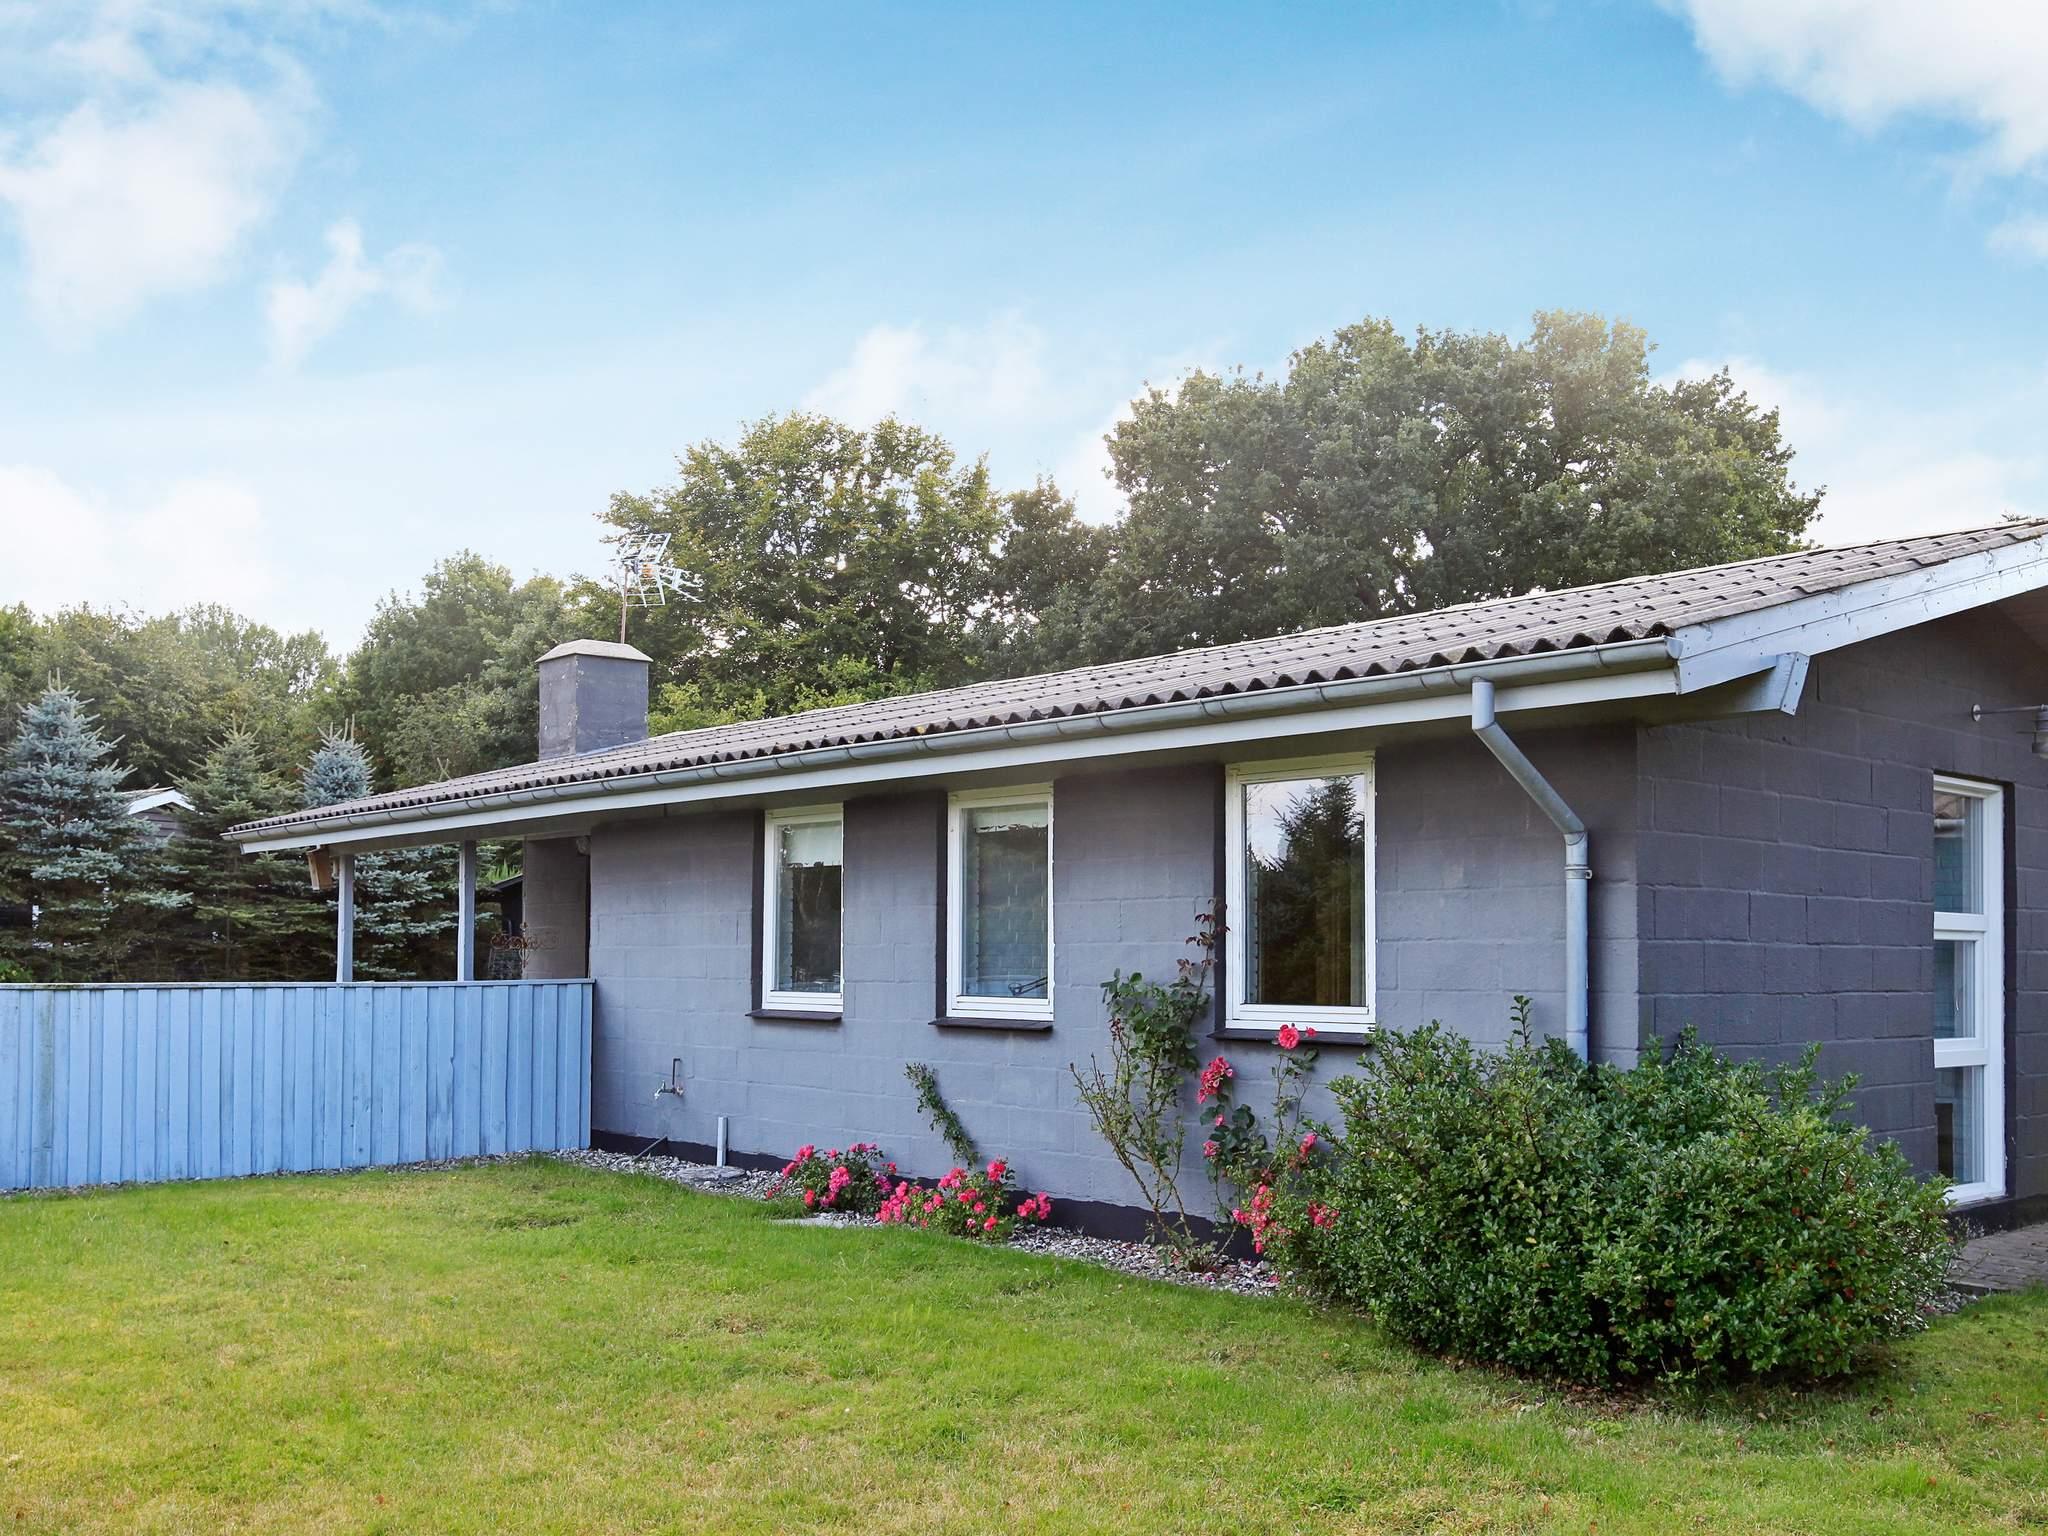 Ferienhaus Hals/Koldkær (359577), Hals, , Nordostjütland, Dänemark, Bild 2